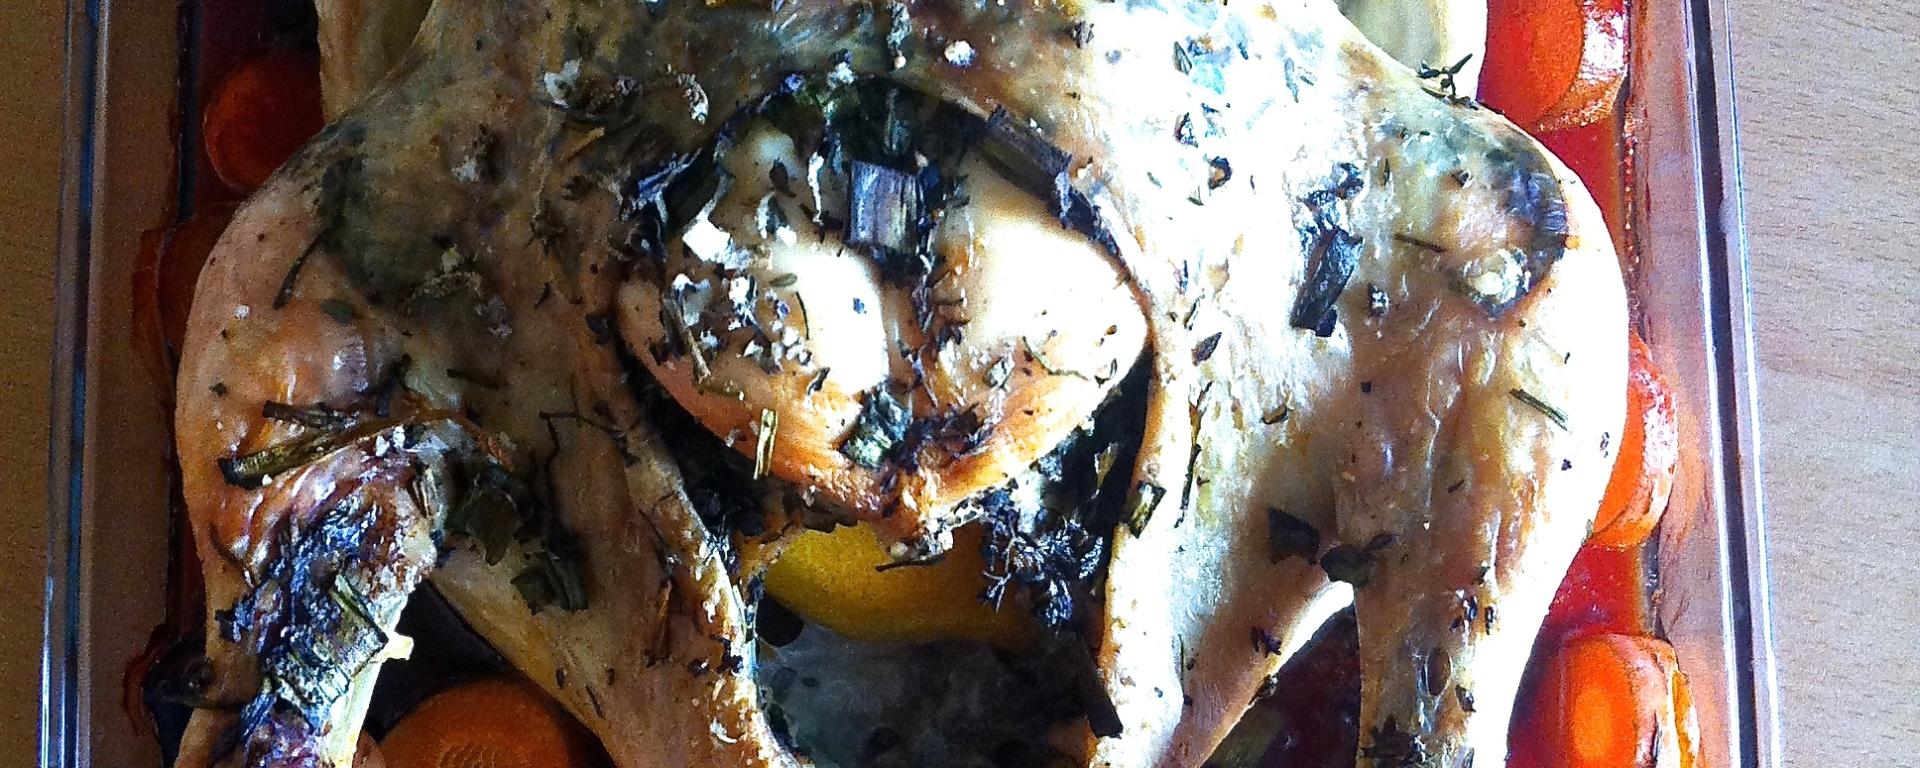 Delicioso pollo asado con hierbas y vegetales. LIbre de granos, libre de solanáceas.